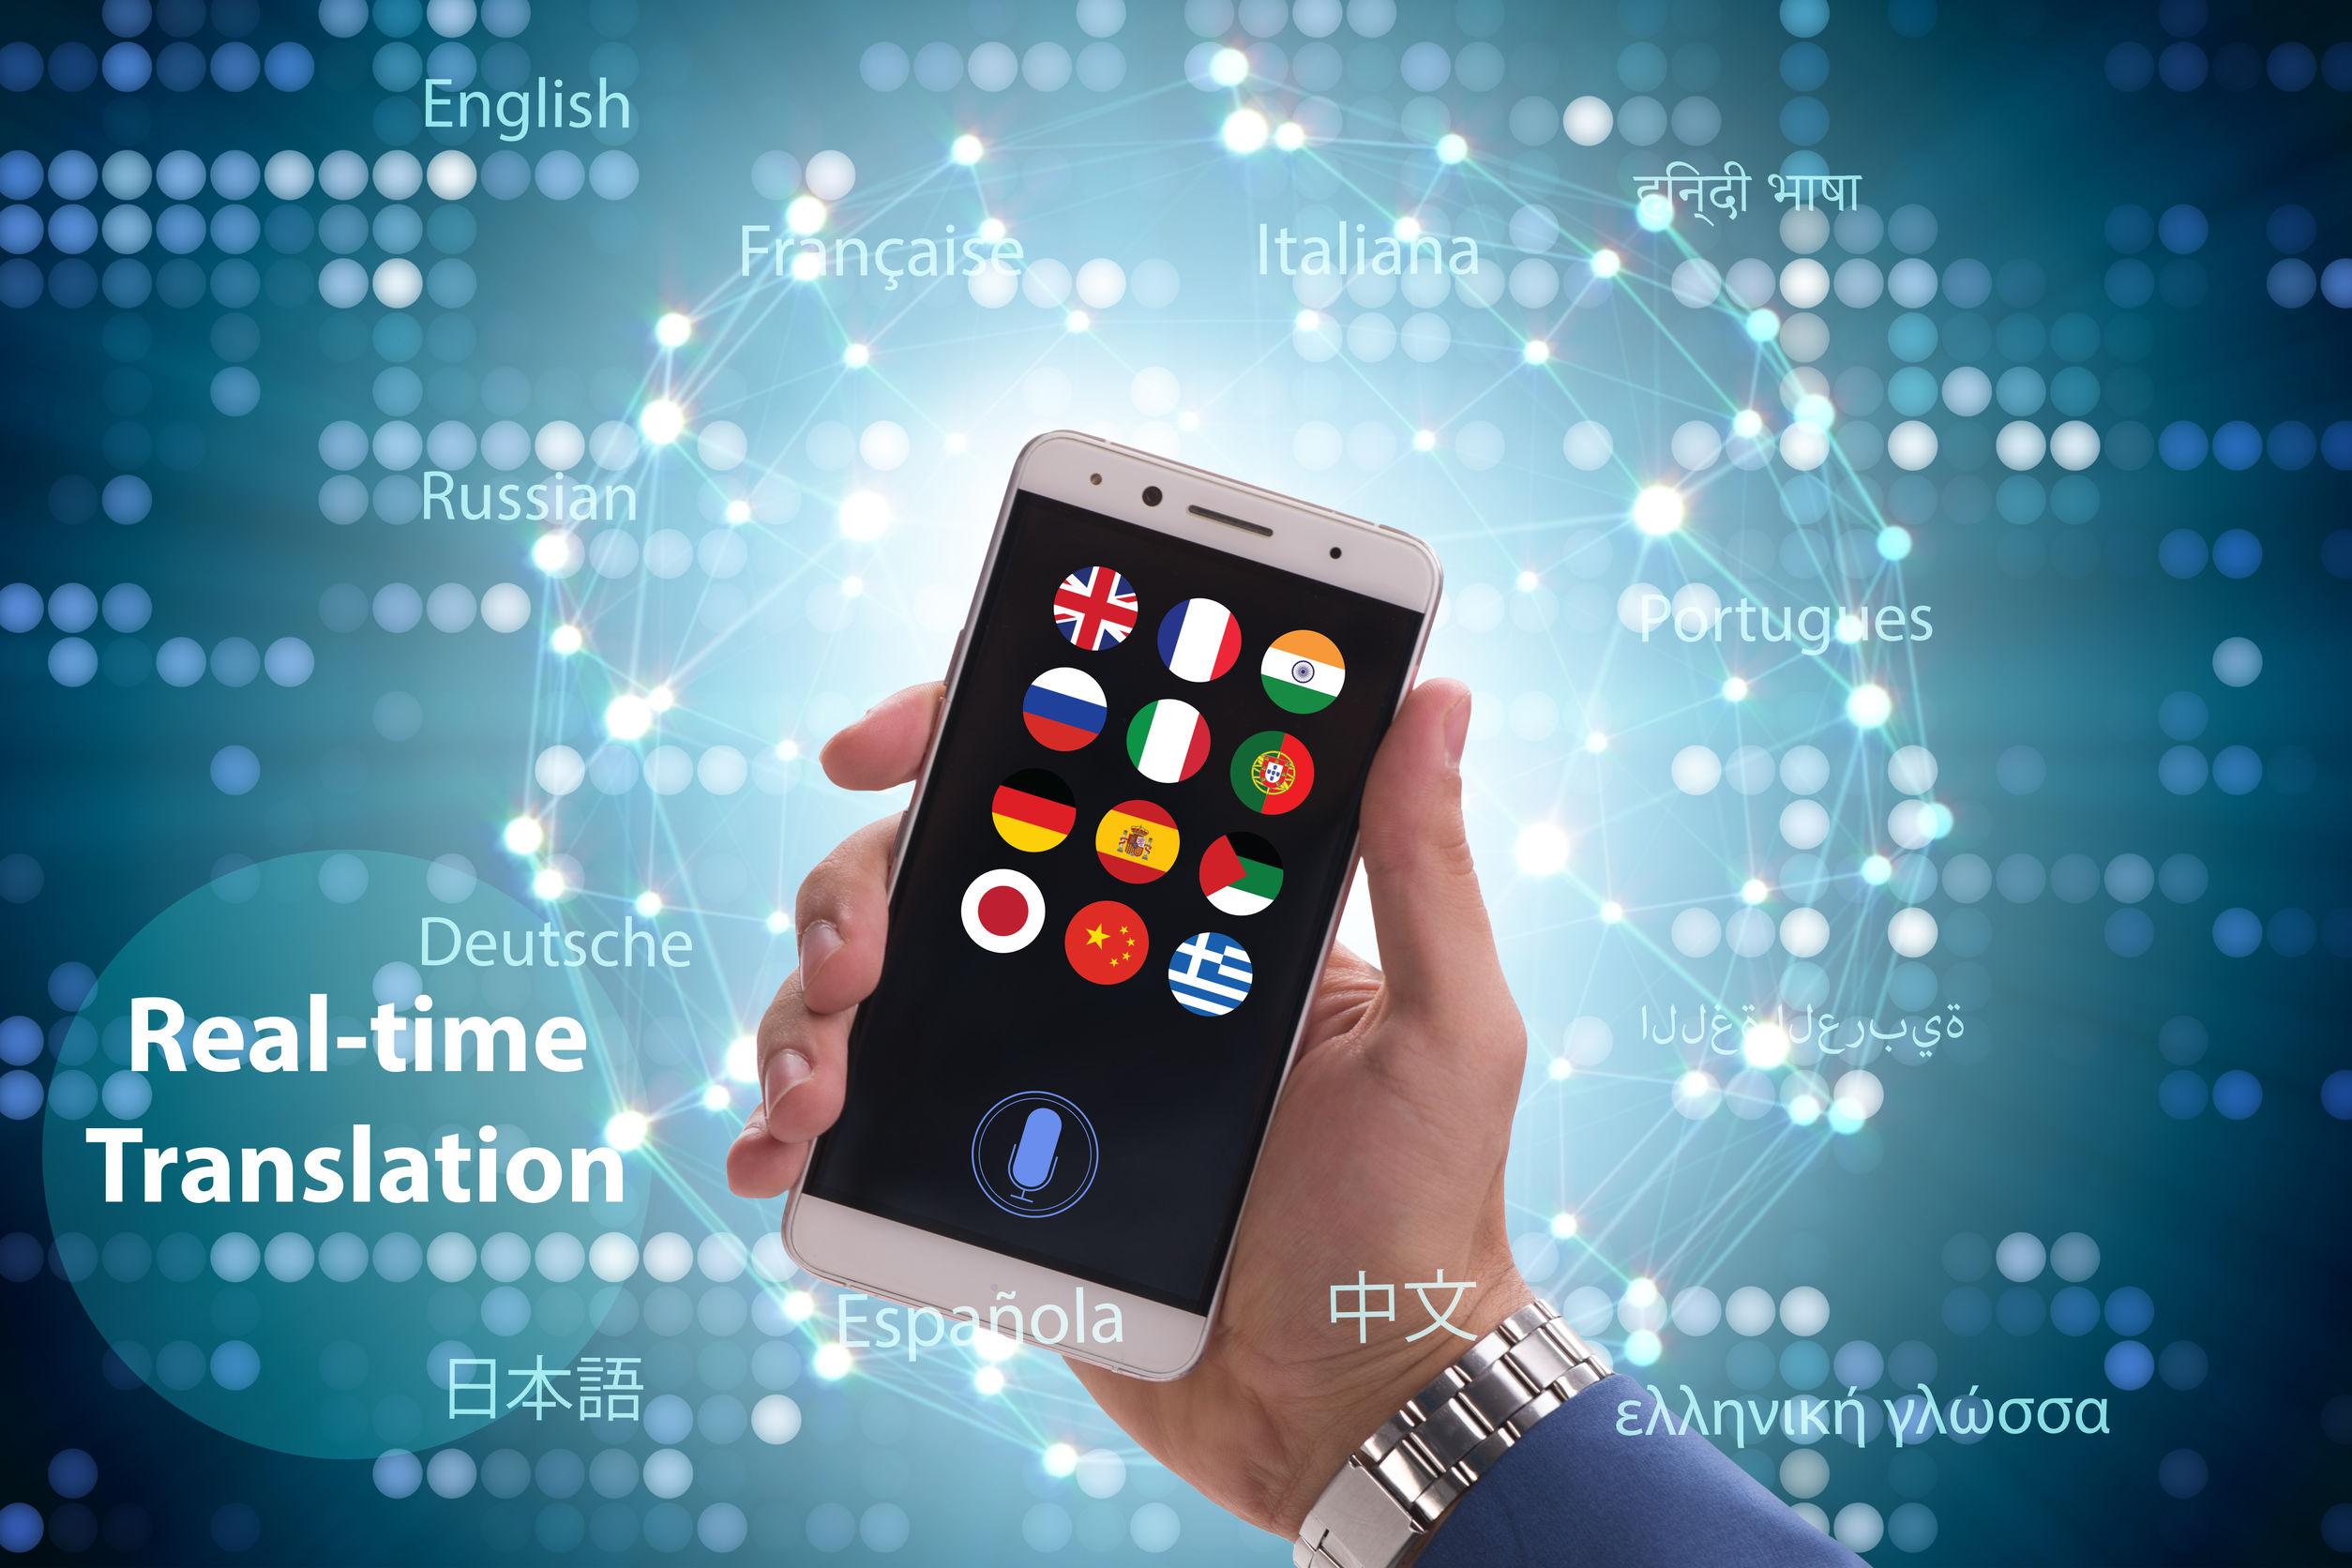 Se muestra un móvil con aplicaciones de traducción